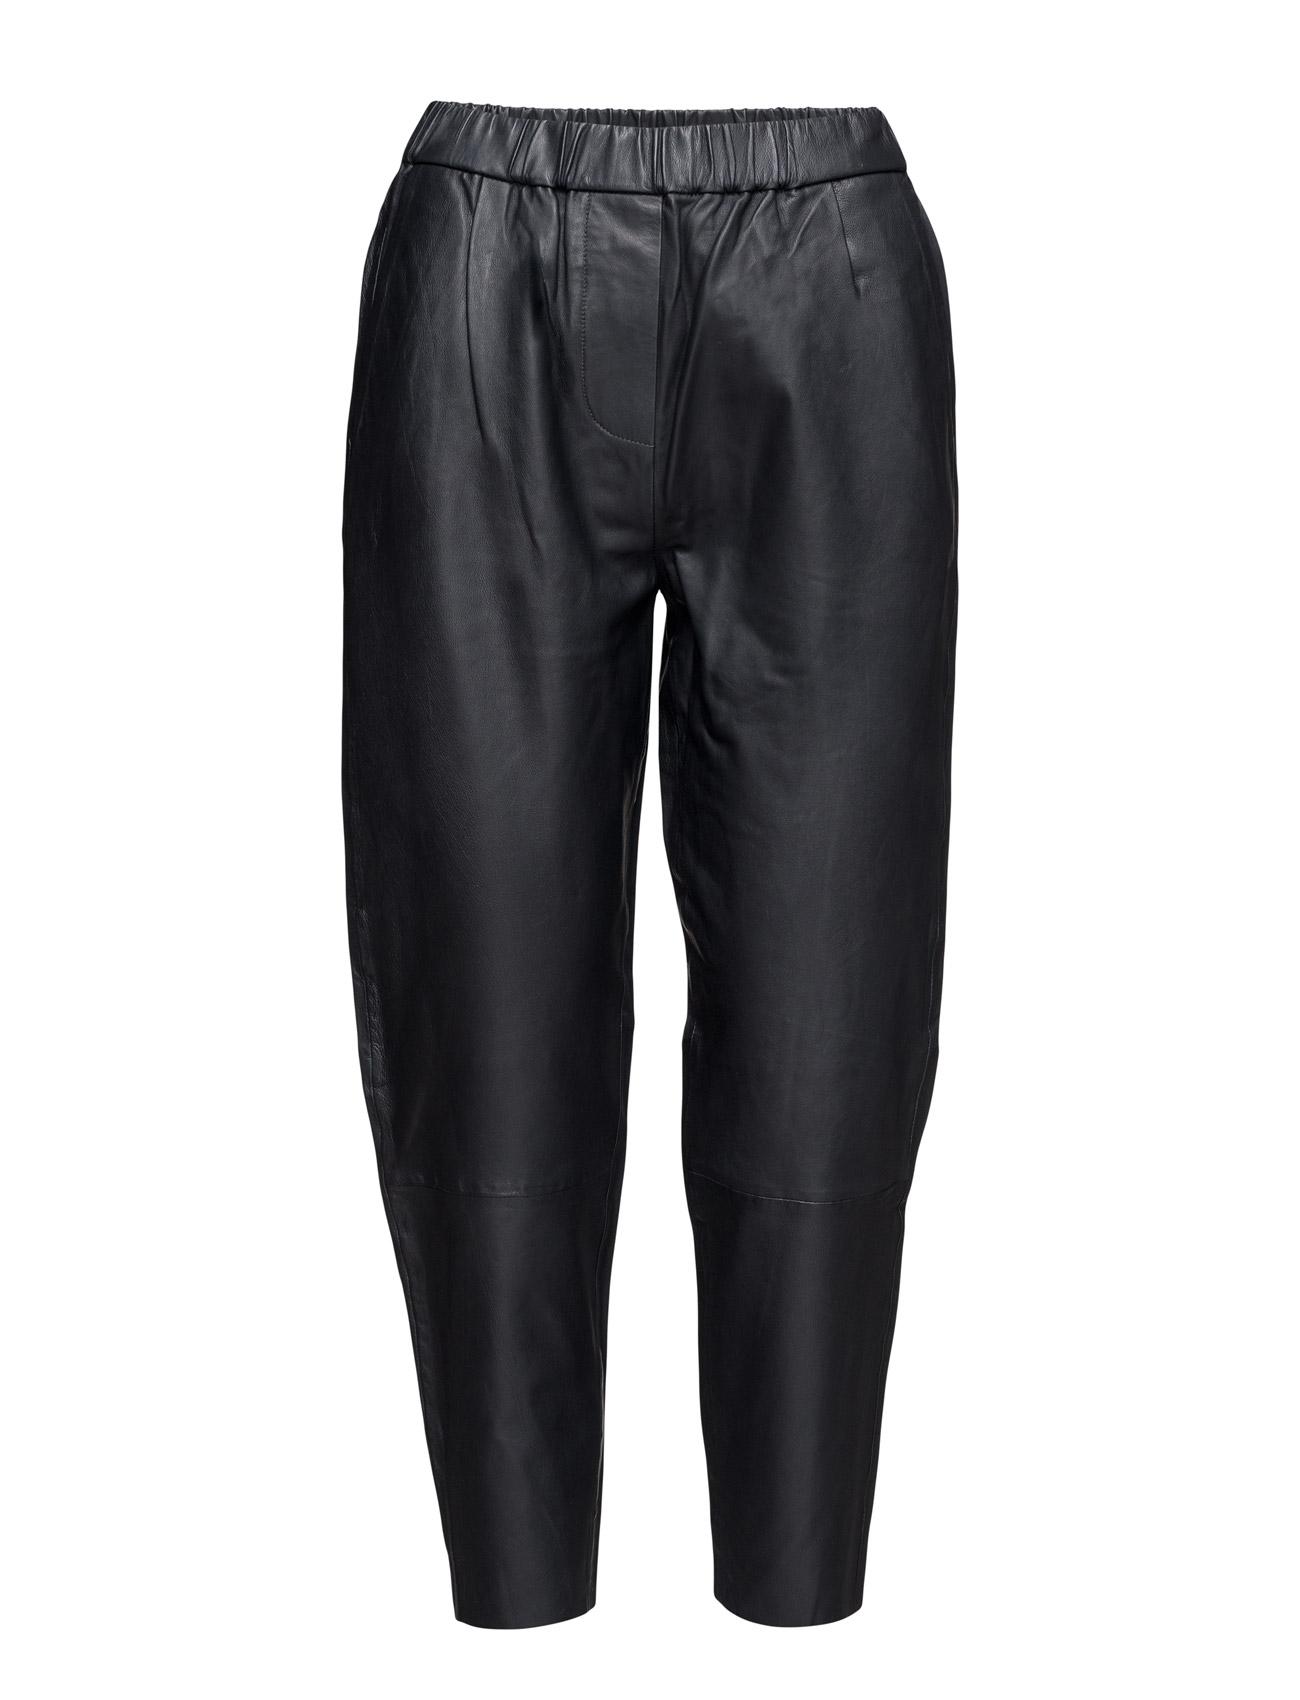 Rusti Pants 7571 Samsøe & Samsøe Læder leggins & bukser til Kvinder i Mørk Sapphire